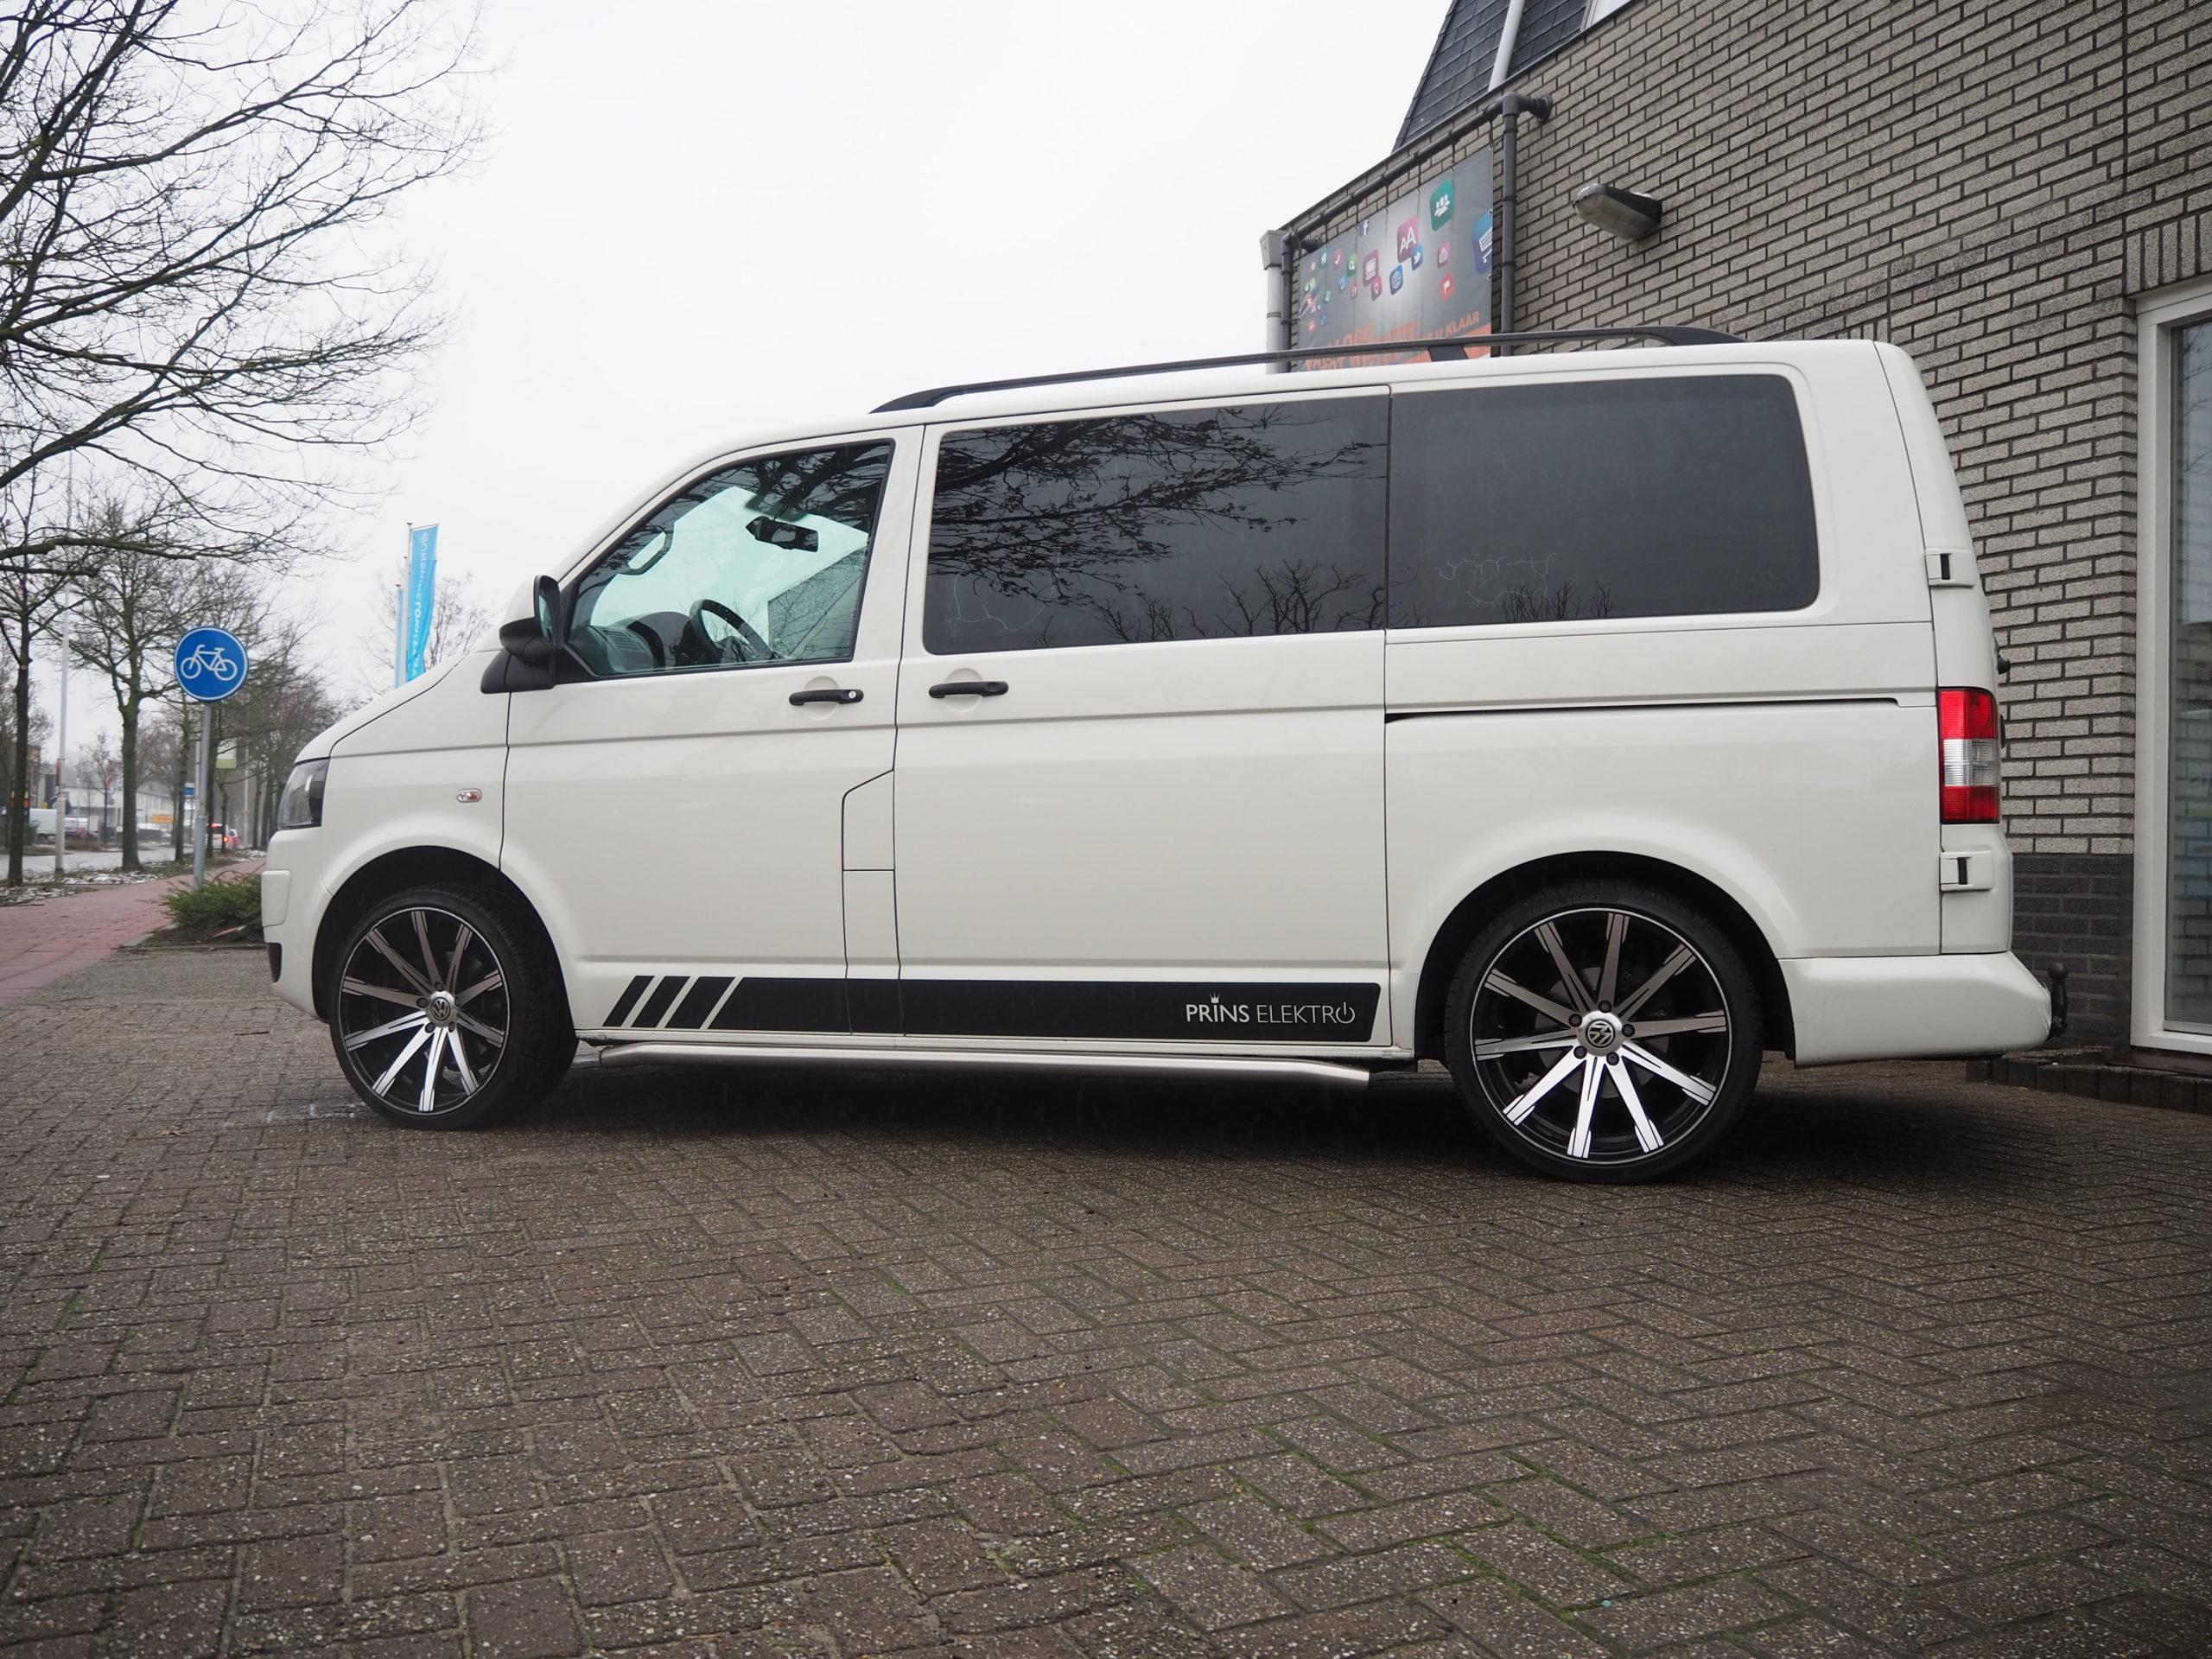 Autobestickering-Eindhoven-Prins-Elektro-Volkswagen-Transporter